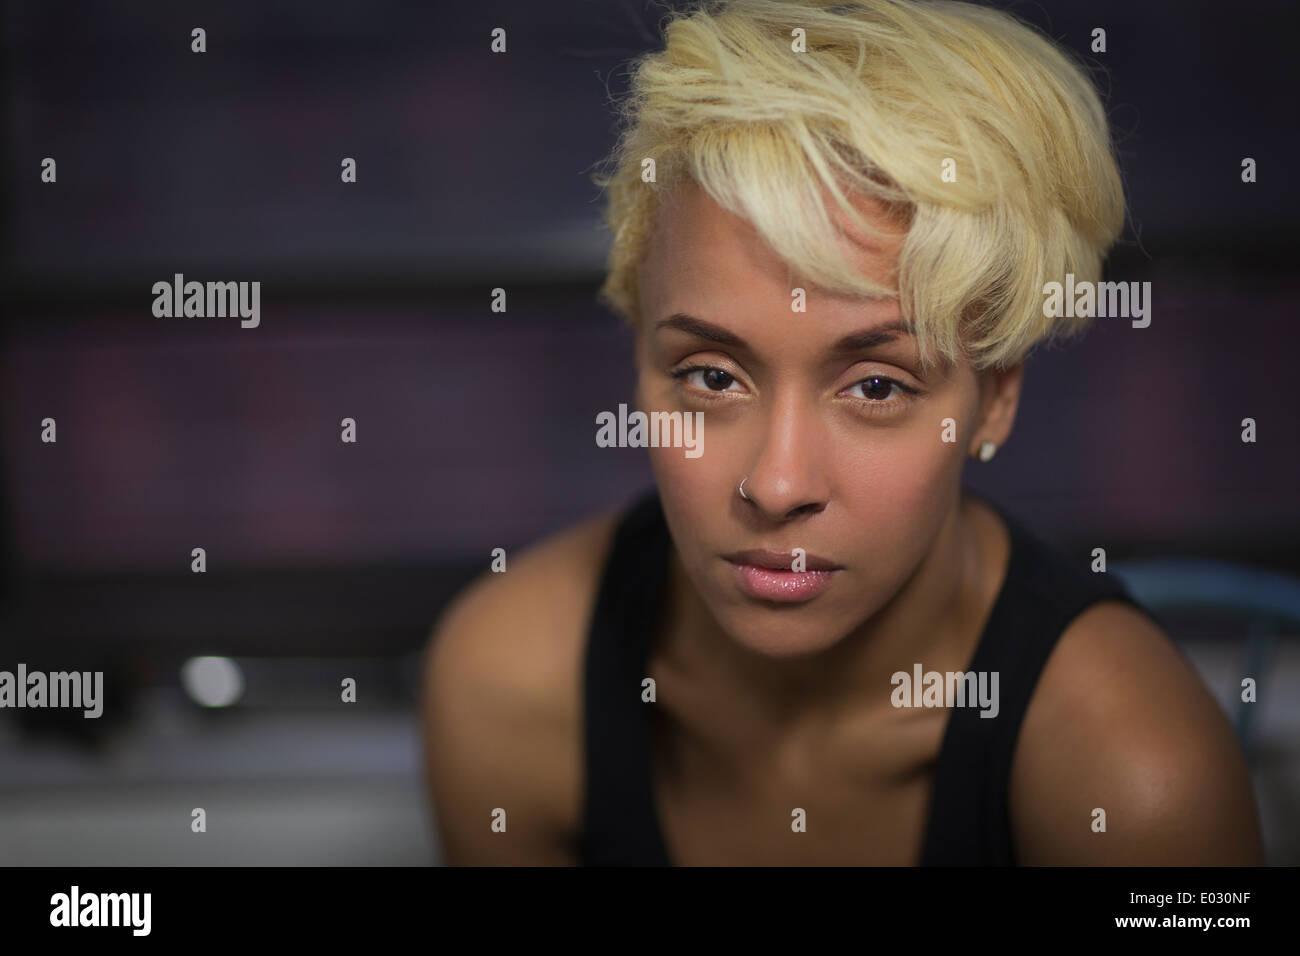 Une femme aux cheveux blonds avec une expression anxieuse Photo Stock